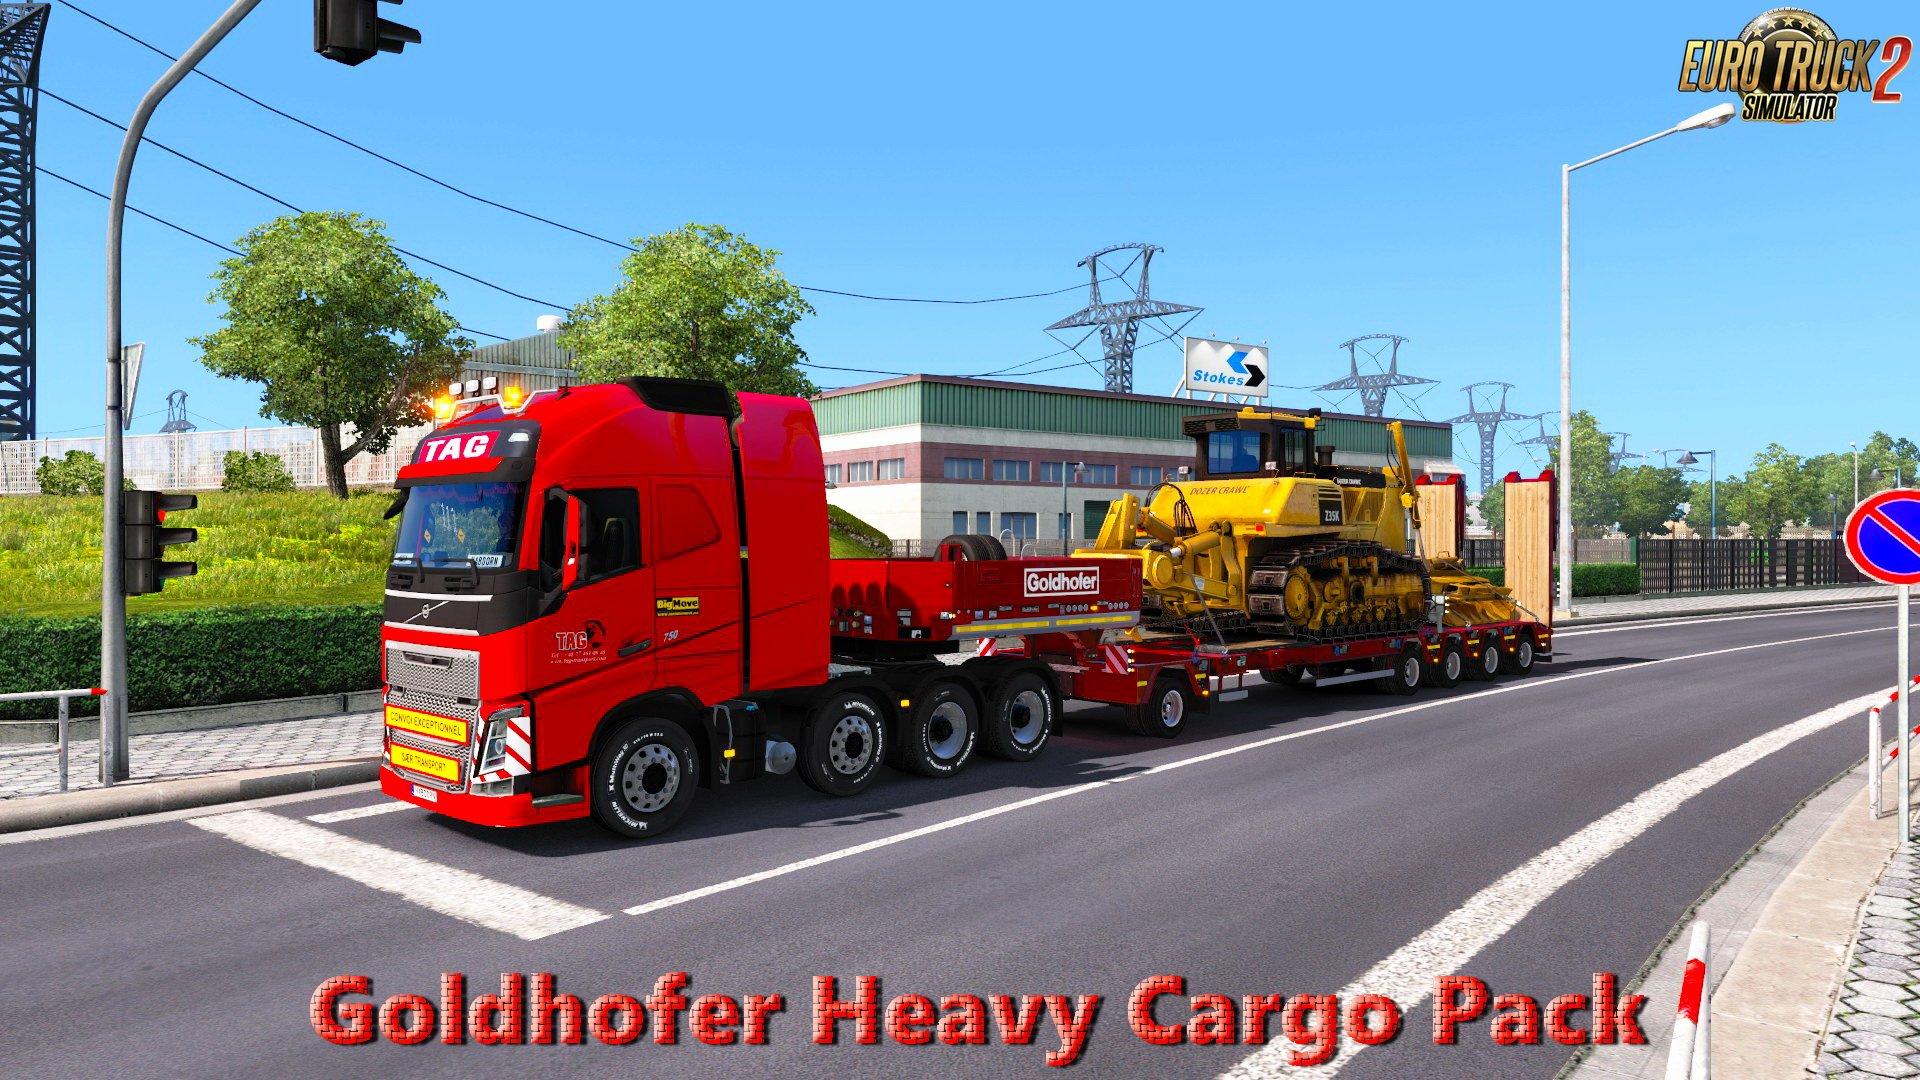 Goldhofer Heavy Cargo Pack v1.0 (1.27.x)